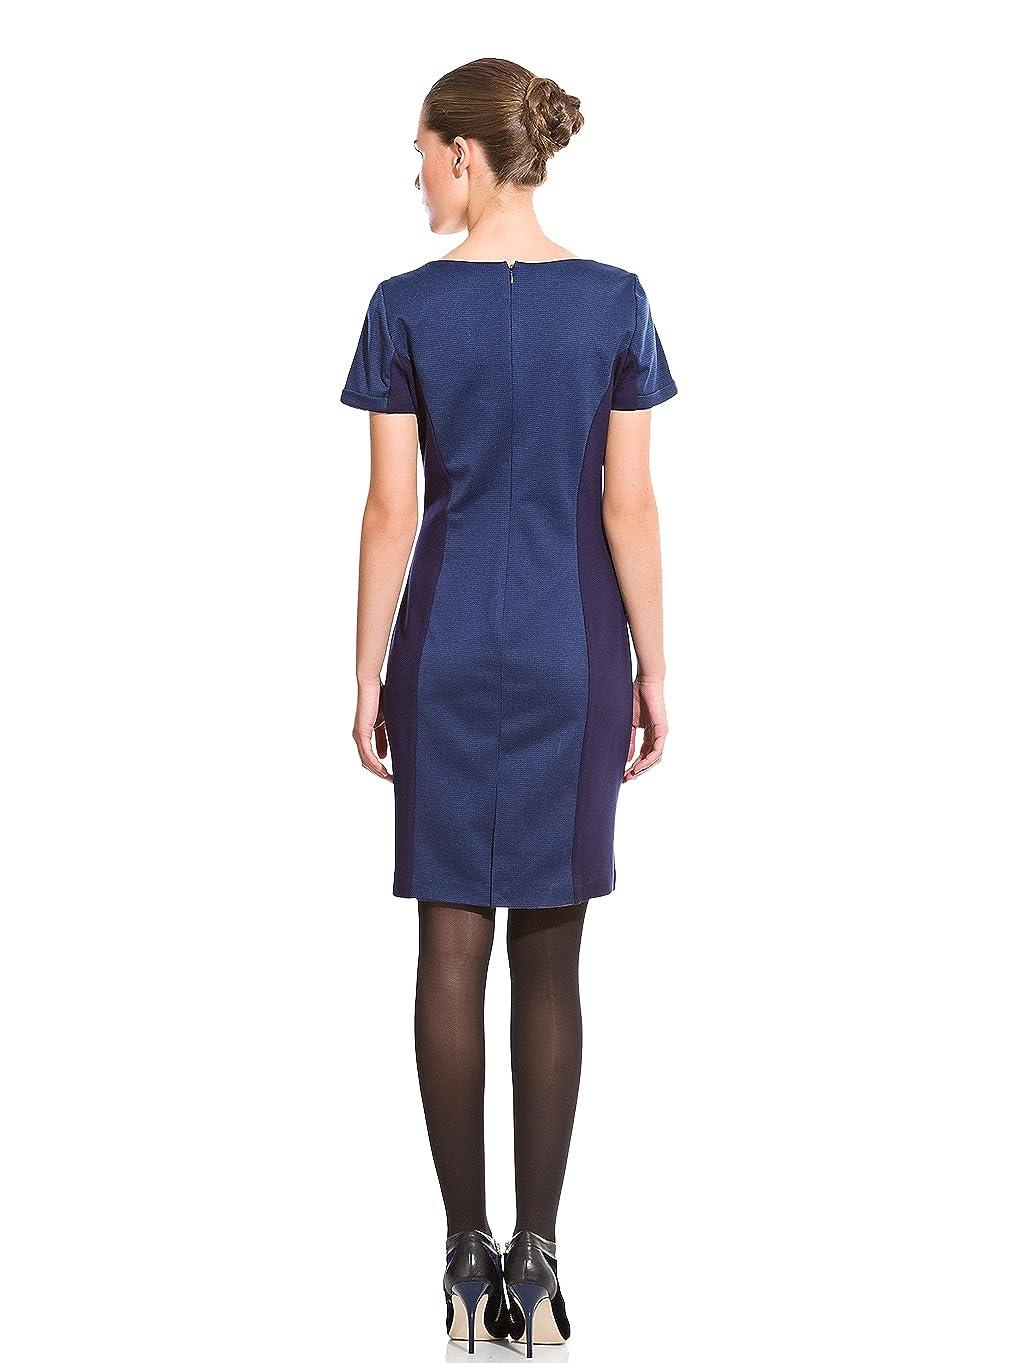 Cortefiel Vestido Espiga Punto Roma Azul Marino ES 36: Amazon.es: Ropa y accesorios